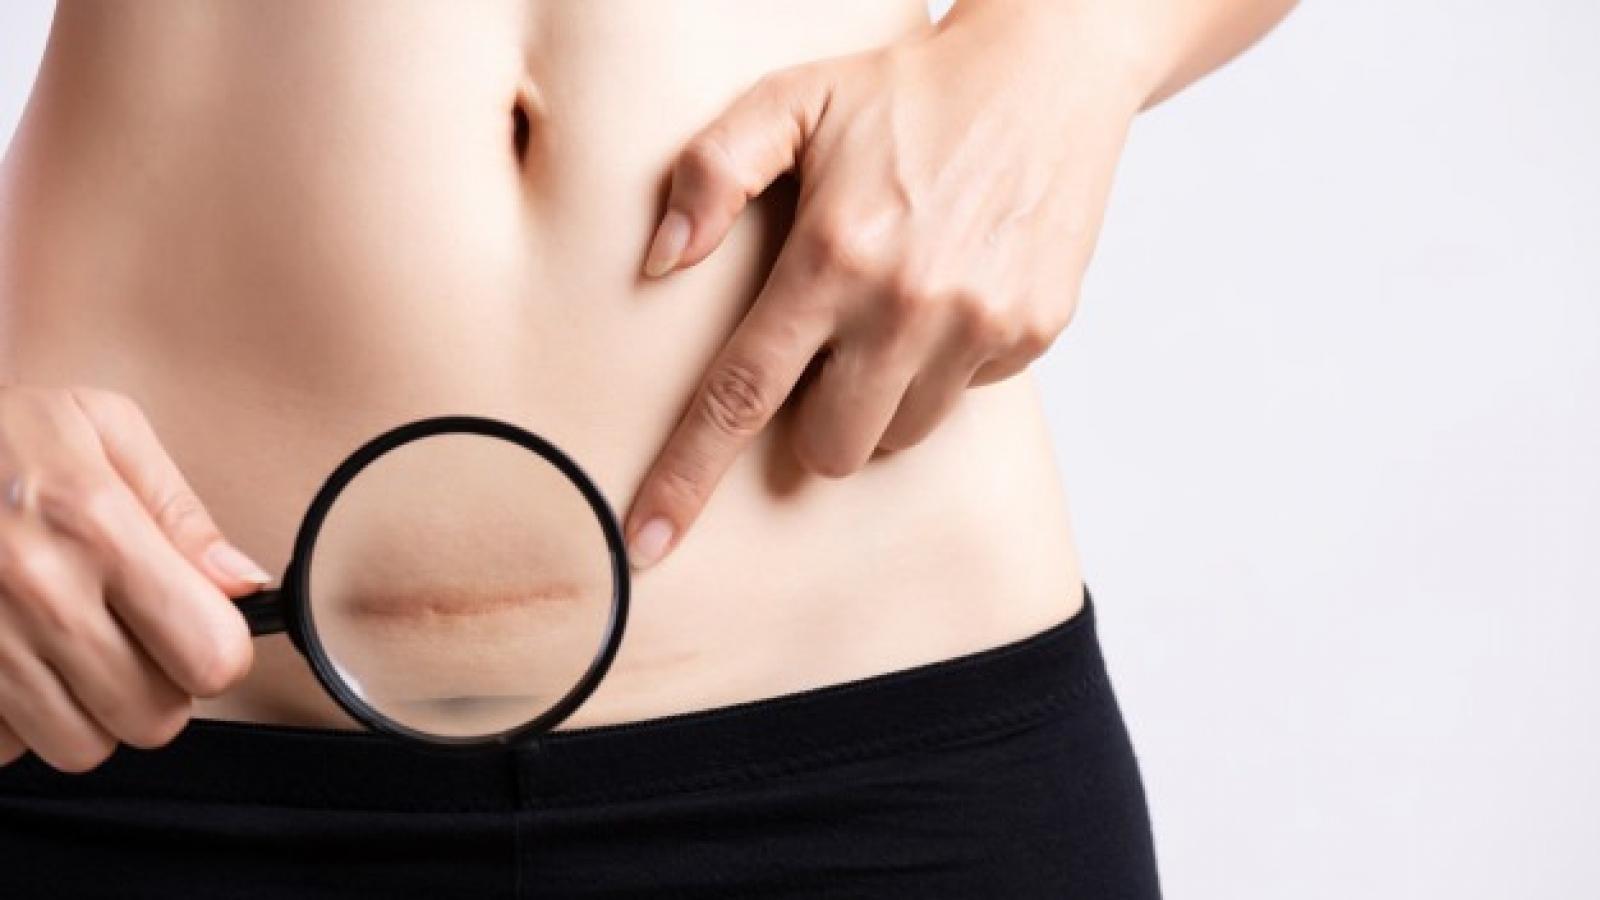 CLINICA DE CIRURGIA PLASTICA EM SANTOS Cirurgia plástica de correção de cicatriz melhora a aparência destas marcas.